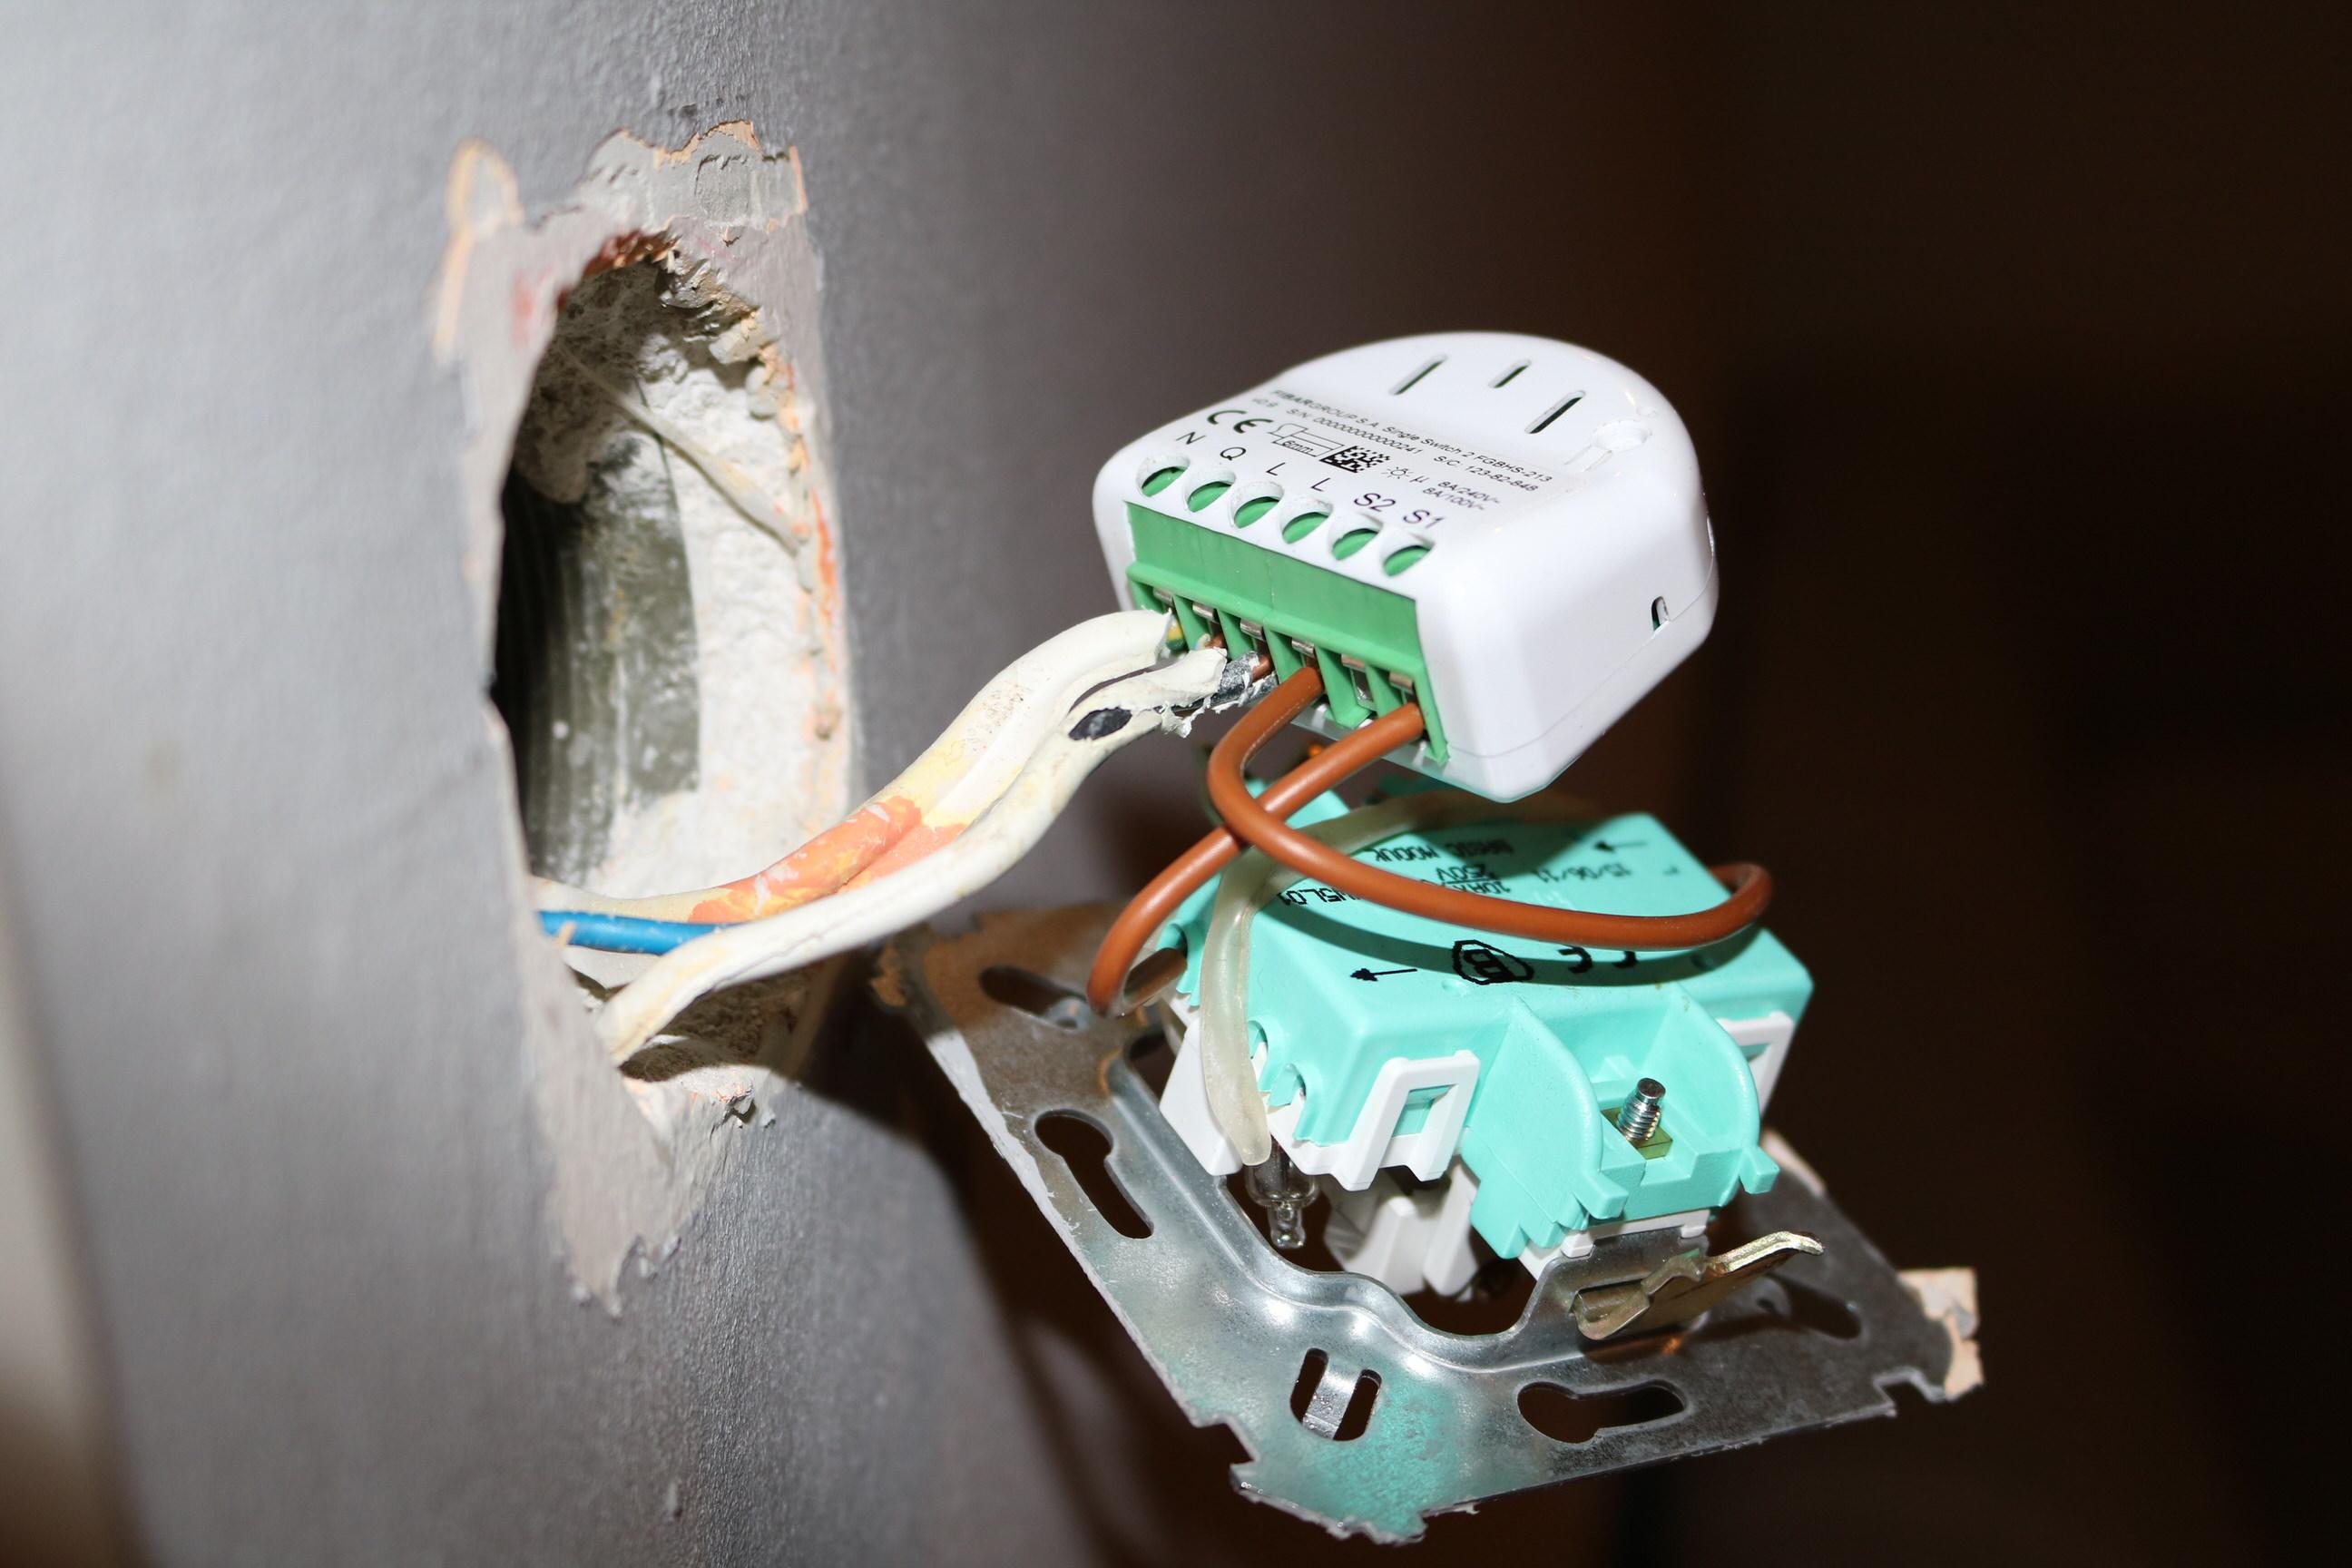 Fibaro Single Switch And Neutral Lacking Installation Mysmarthomekit With Plug Wiring Diagram Podczony Do Wcznika